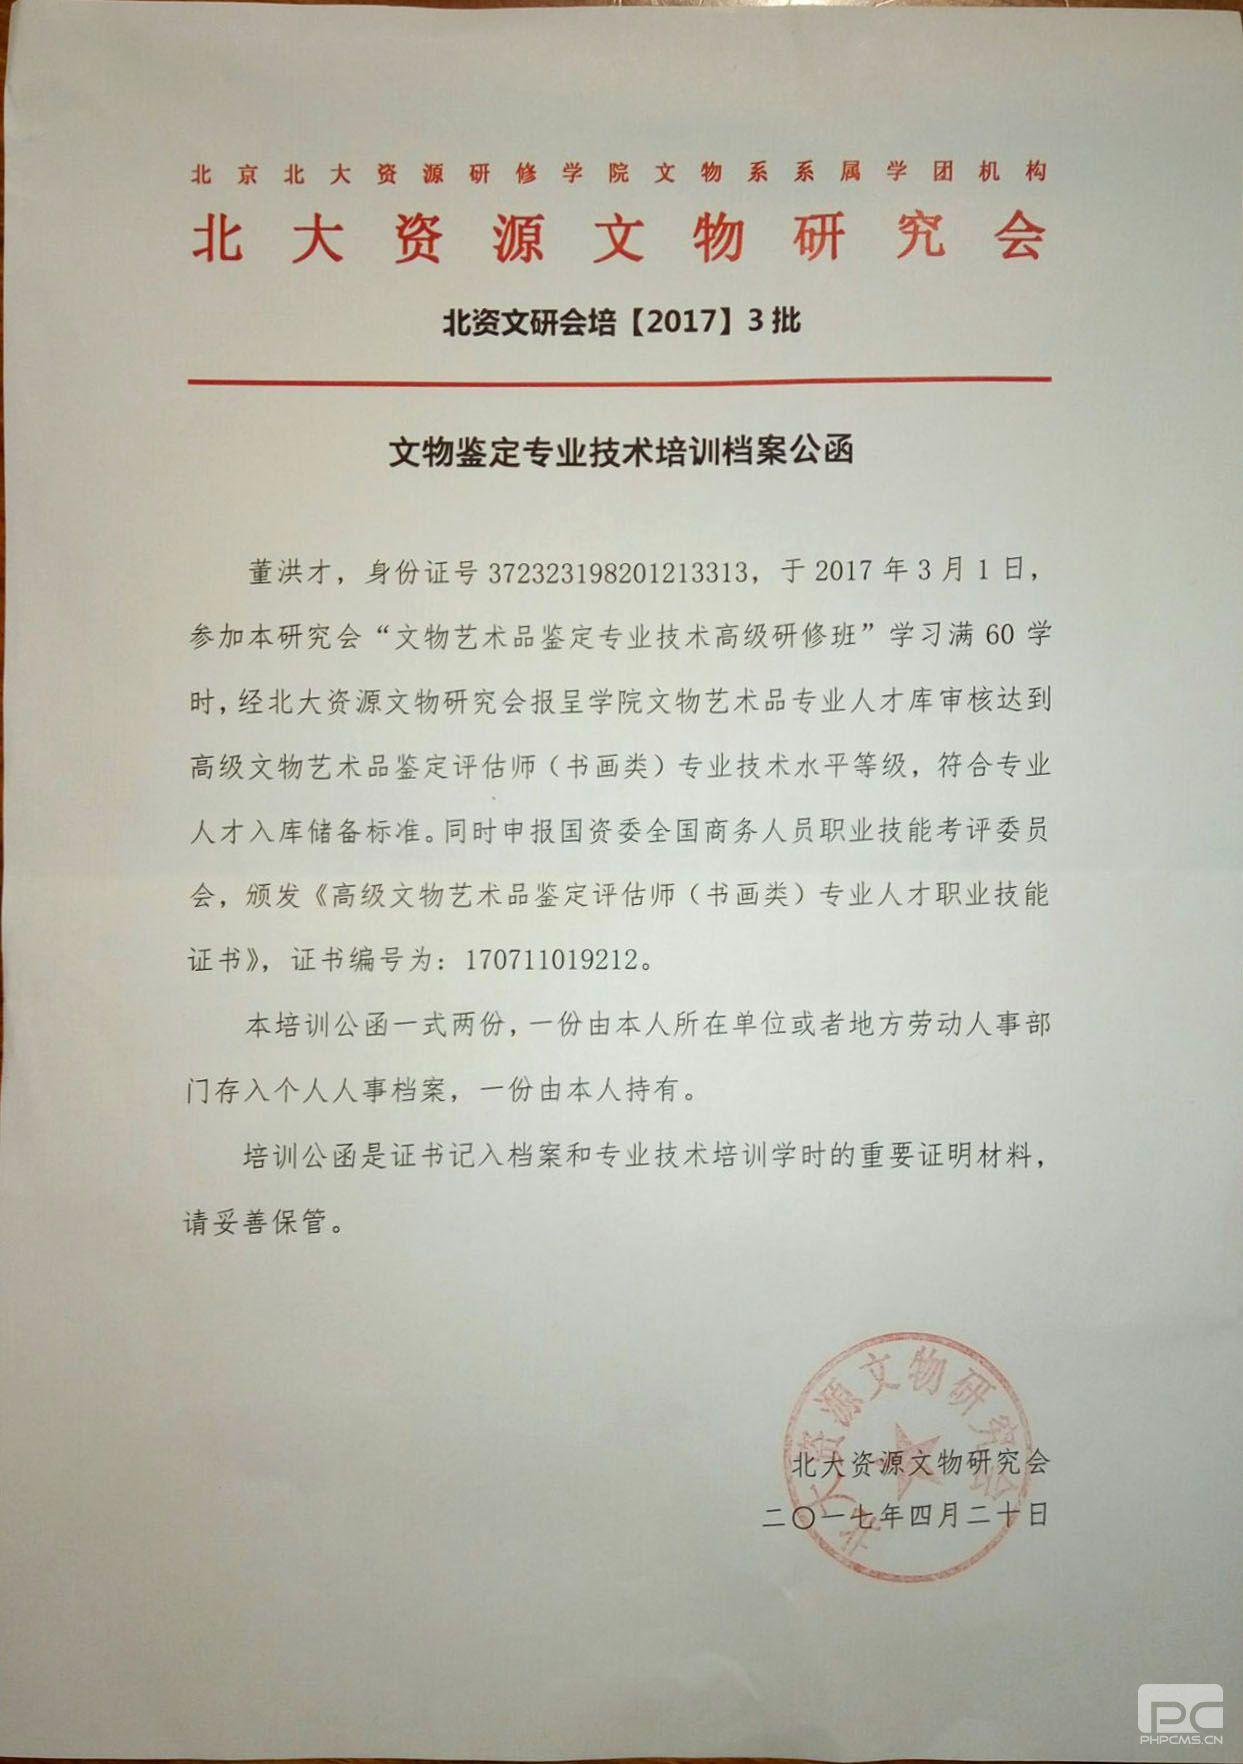 北大资源文物资质证书